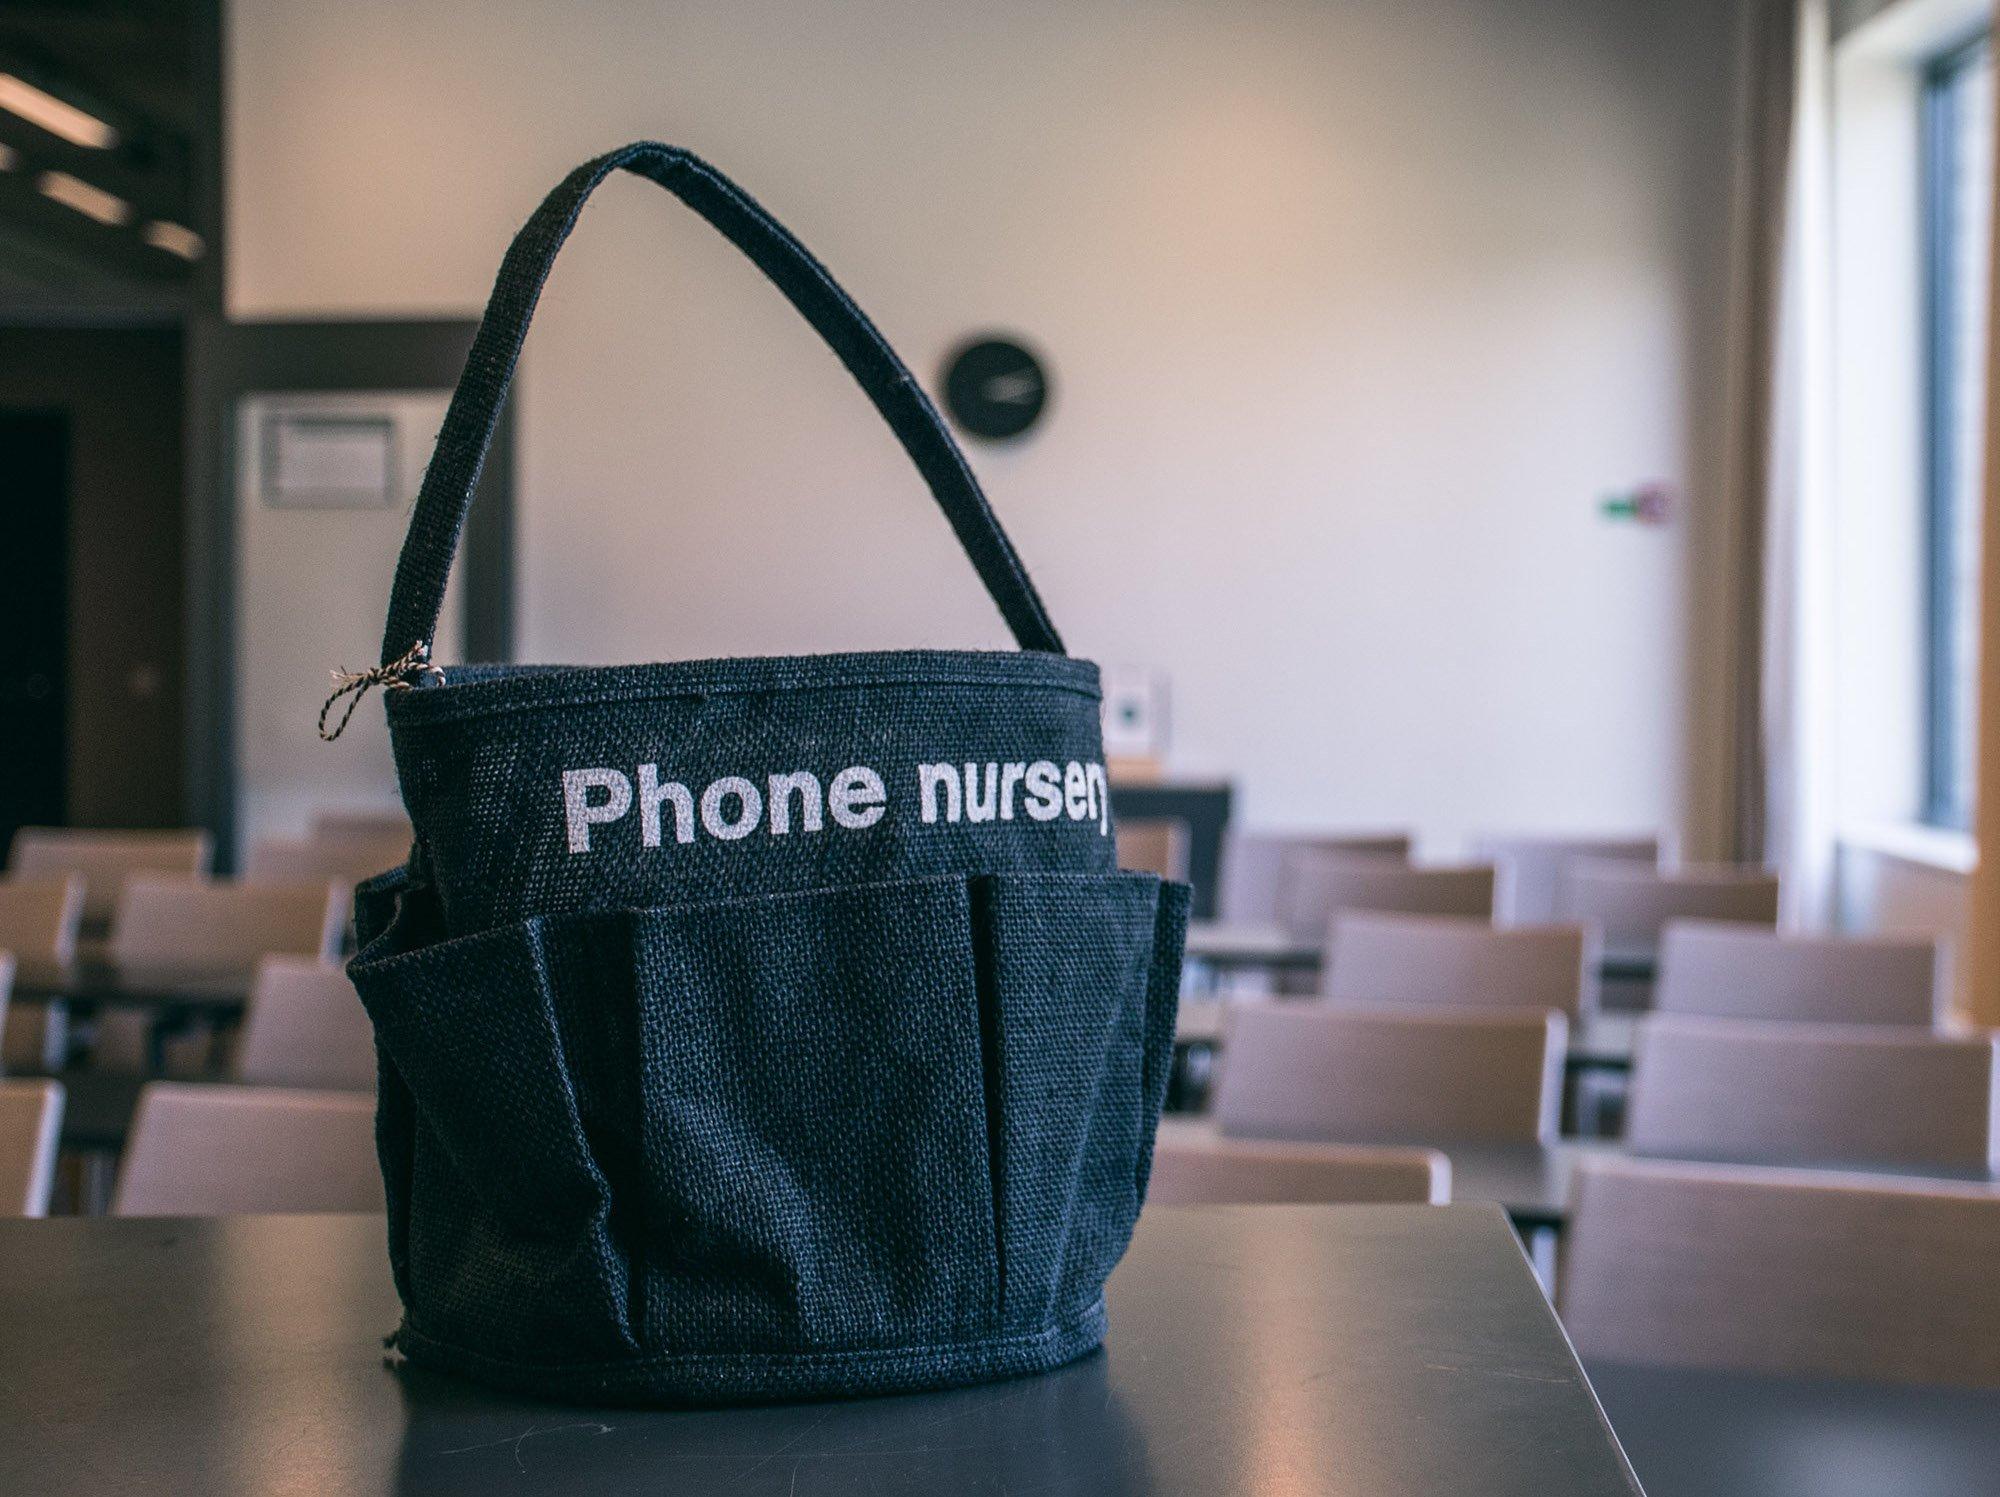 phone nursery